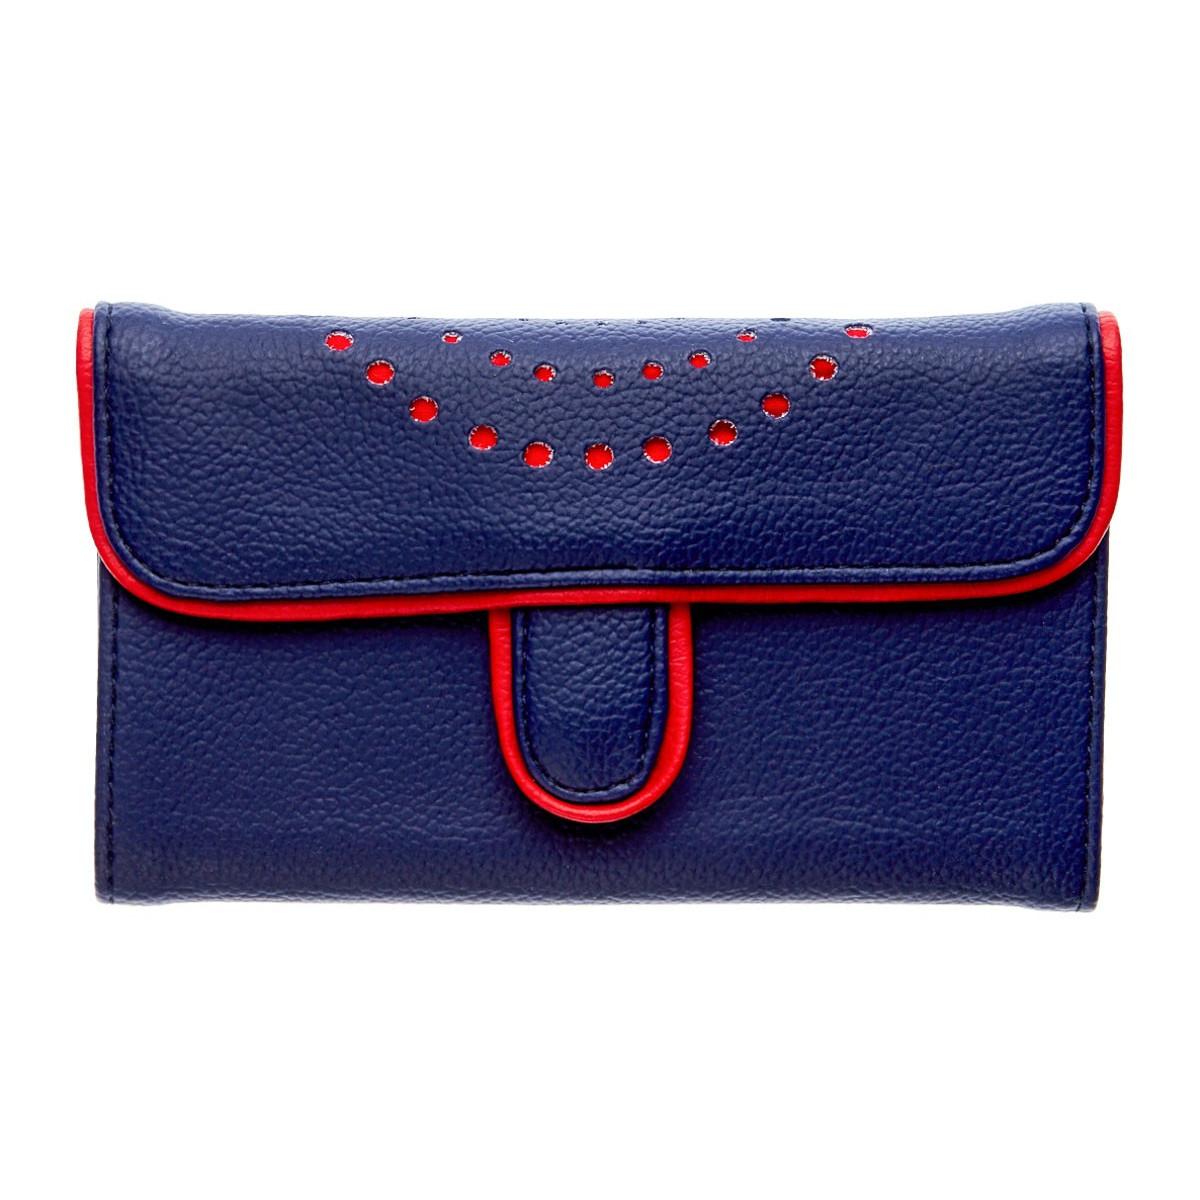 Portefeuille femme cerise rouge et bleu